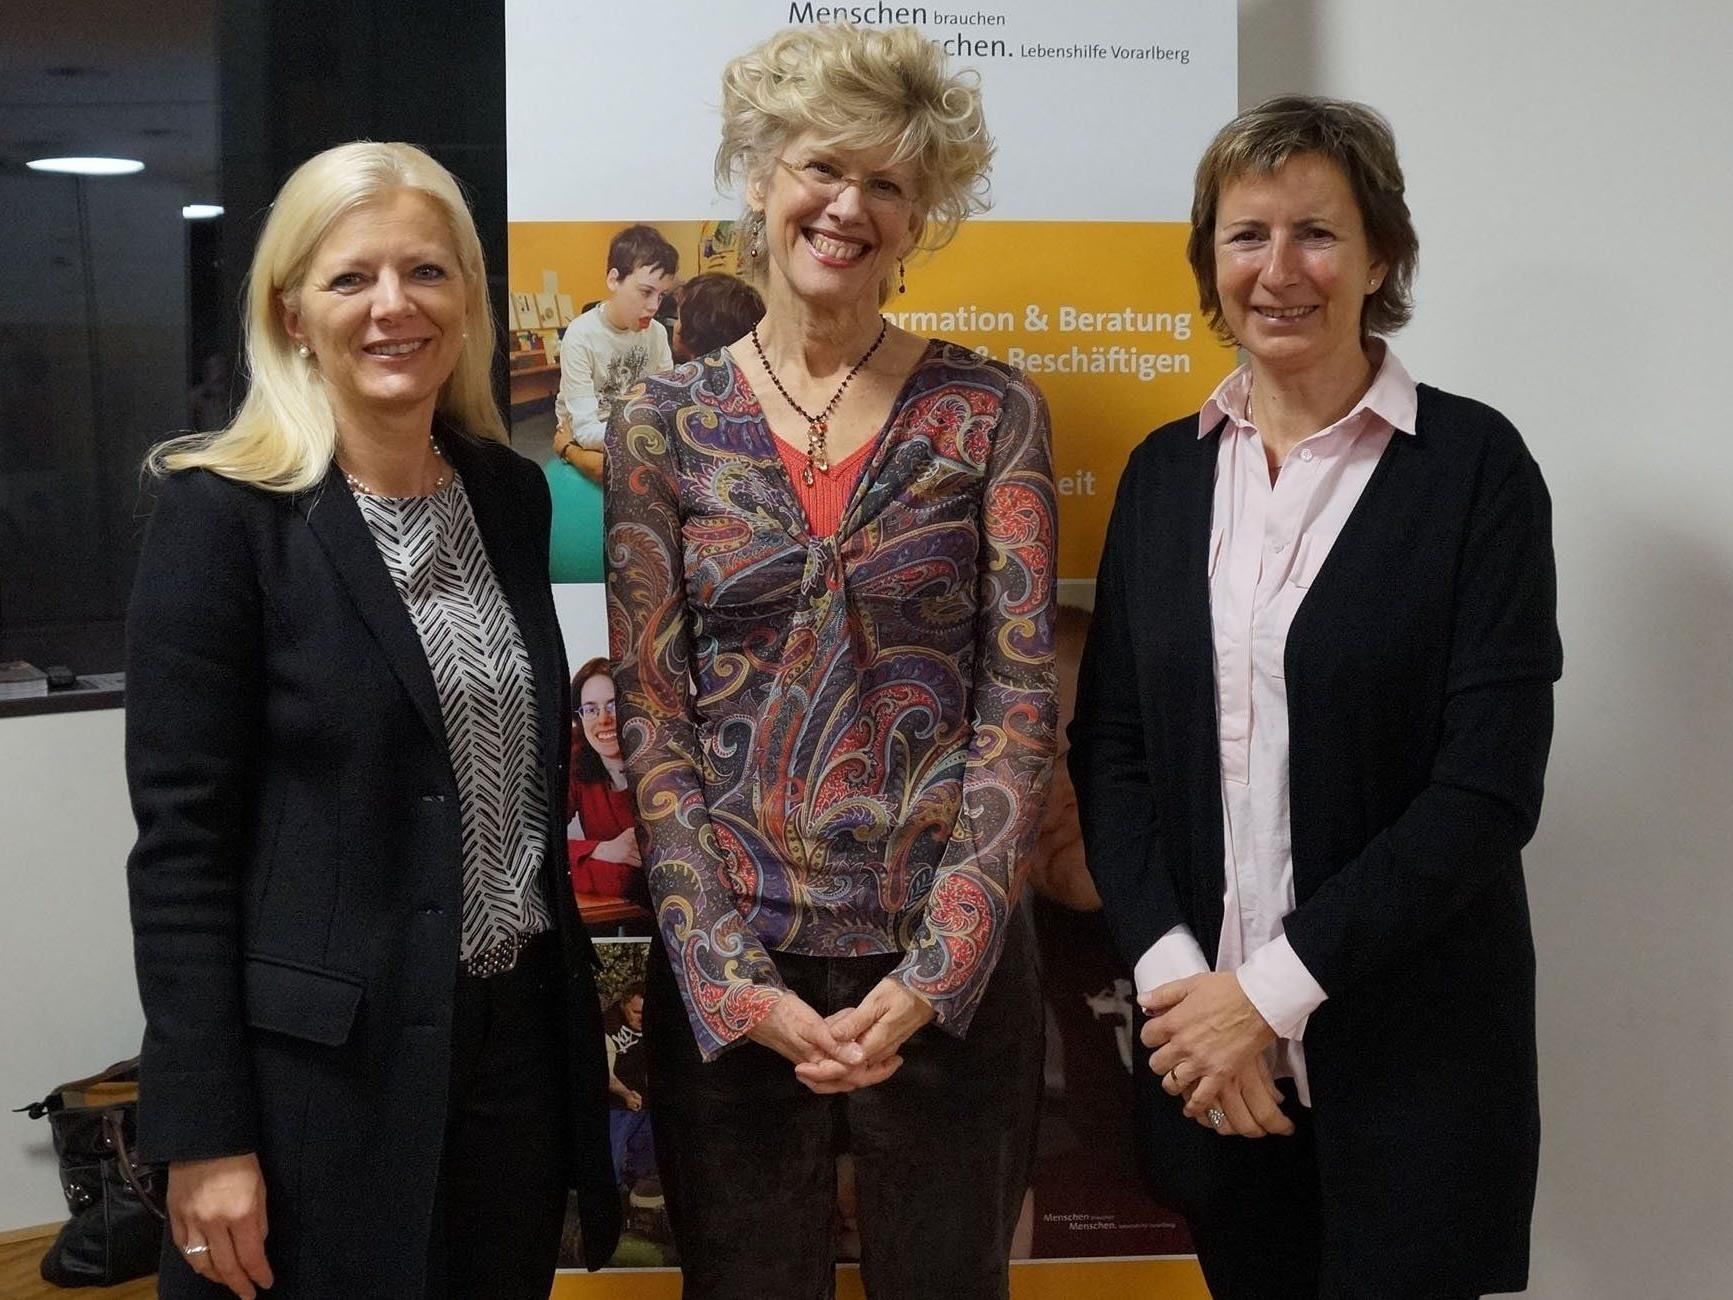 Beth Mount beim Lebenshilfe Trialog 2015 zusammen mit Michaela Wagner (Geschäftsführerin Lebenshilfe Vbg) und Gabriele Nussbaumer (Präsidentin Lebenshilfe Vbg).